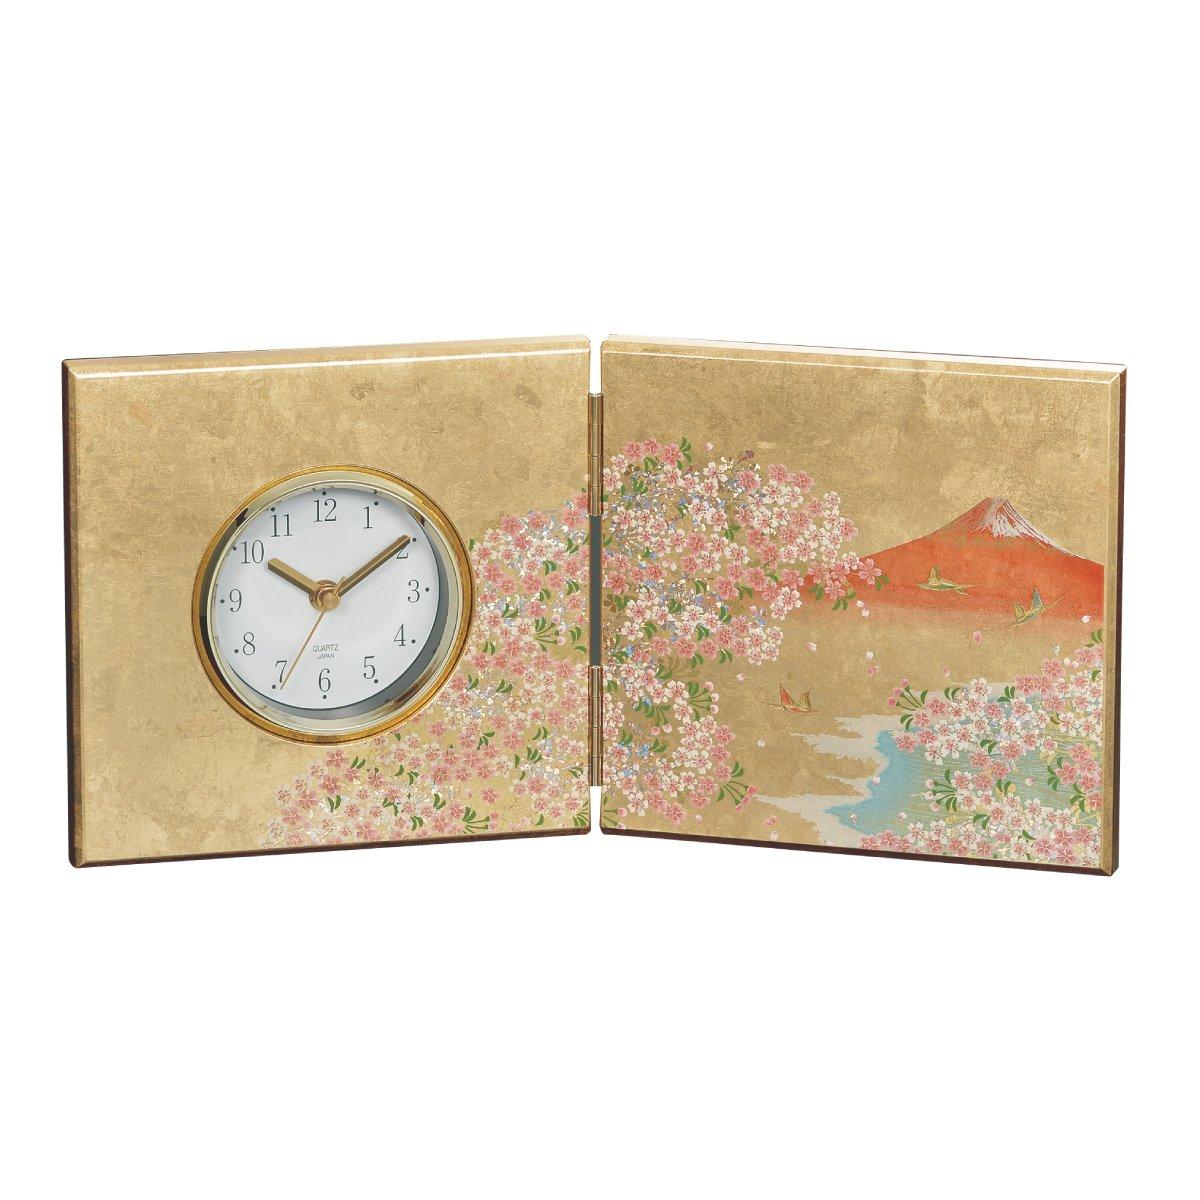 置き時計 置時計 和 和風 和柄 和雑貨 桜 富士 海外 土産 日本のお土産 華富士 屏風時計 16838 B07DD1WHHP